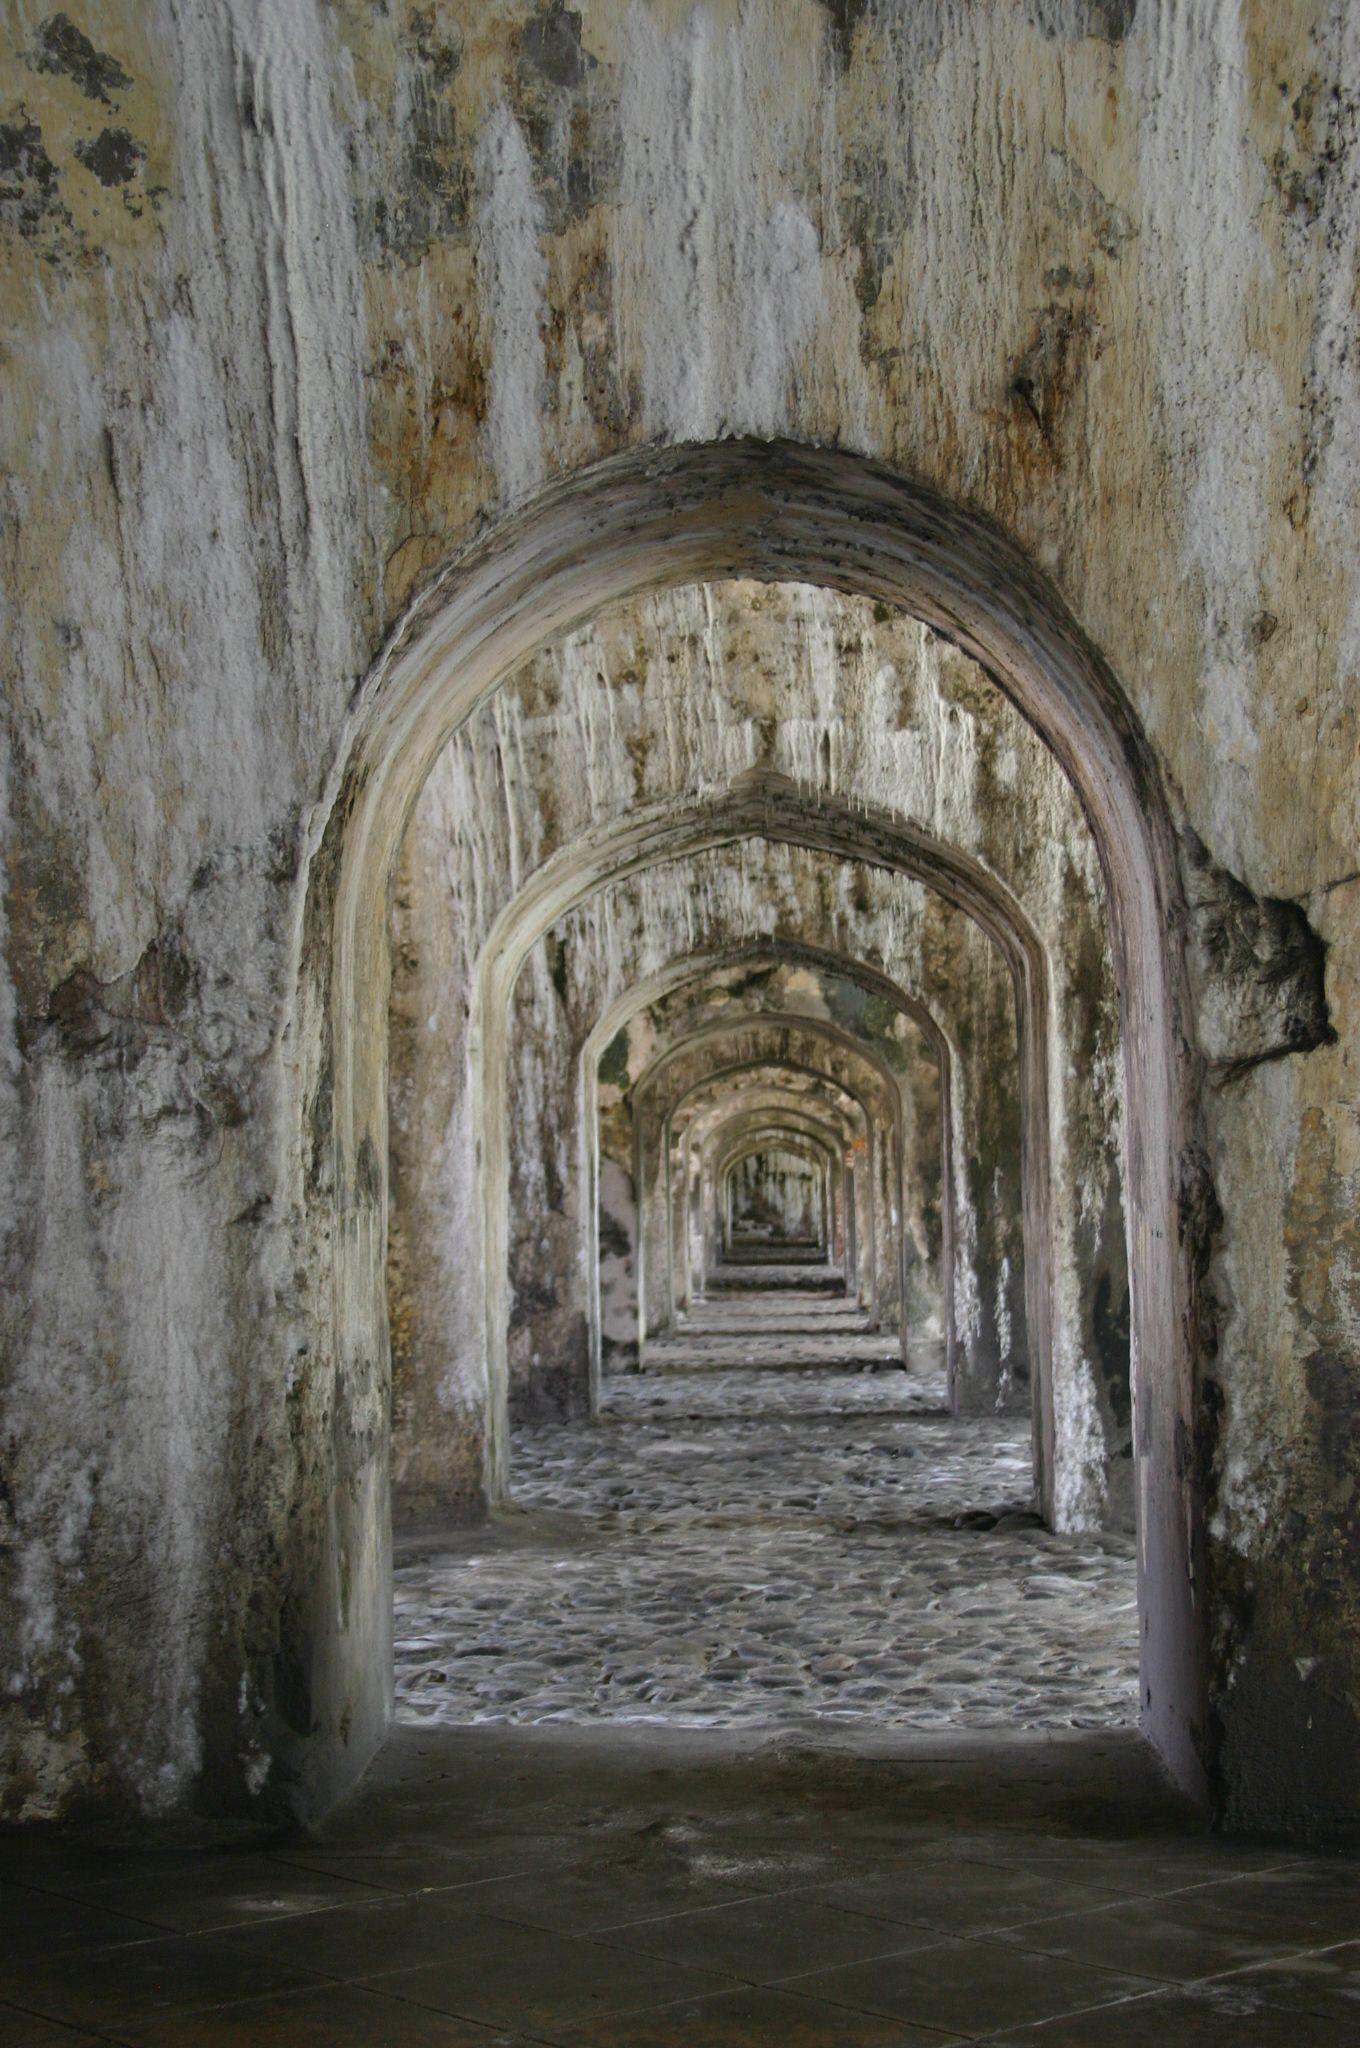 Arcos en el Fuerte de San Juan de Ulua, Veracruz.